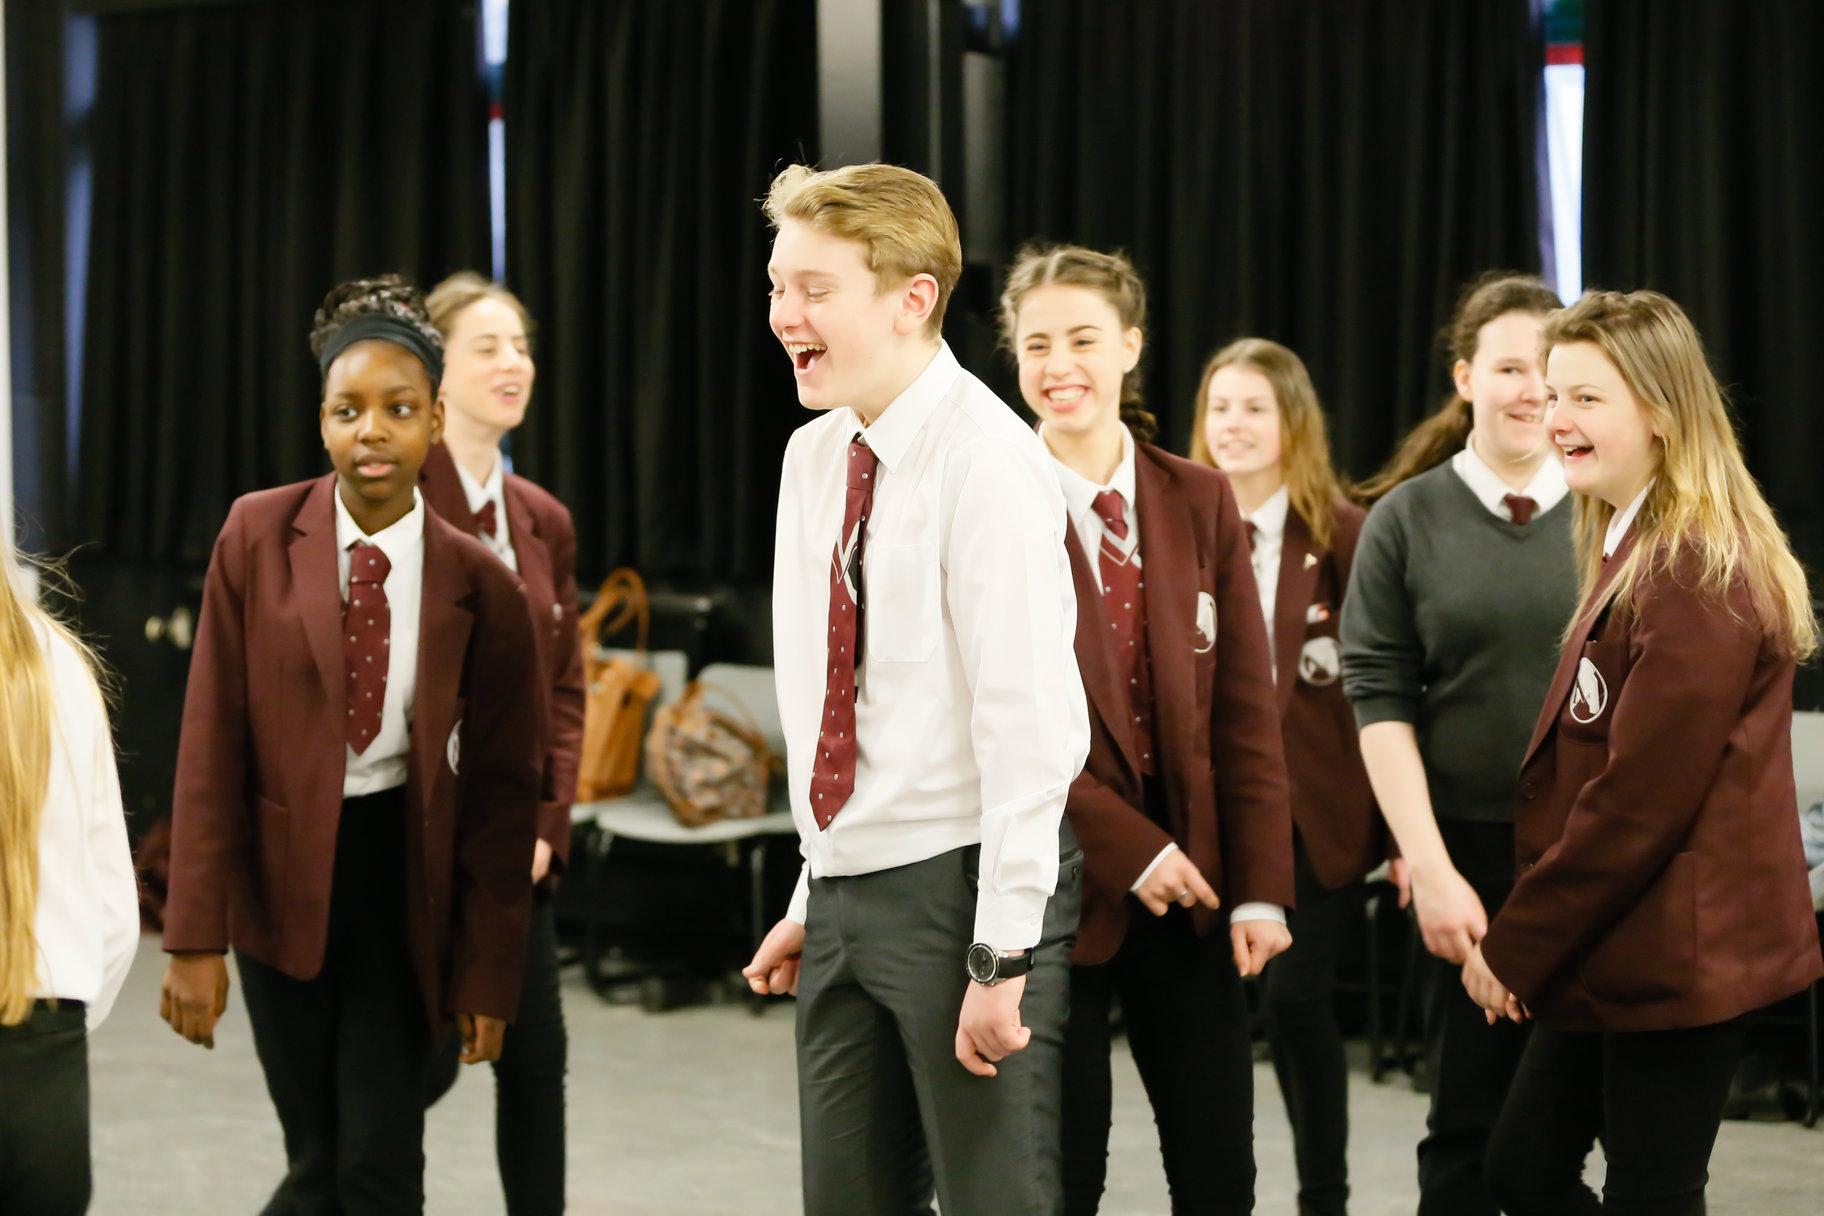 Regional Schools Celebration_ Rehearsal Workshop Macmillan Academy_2015_Photo by Rob Freeman _c_ RSC_156515